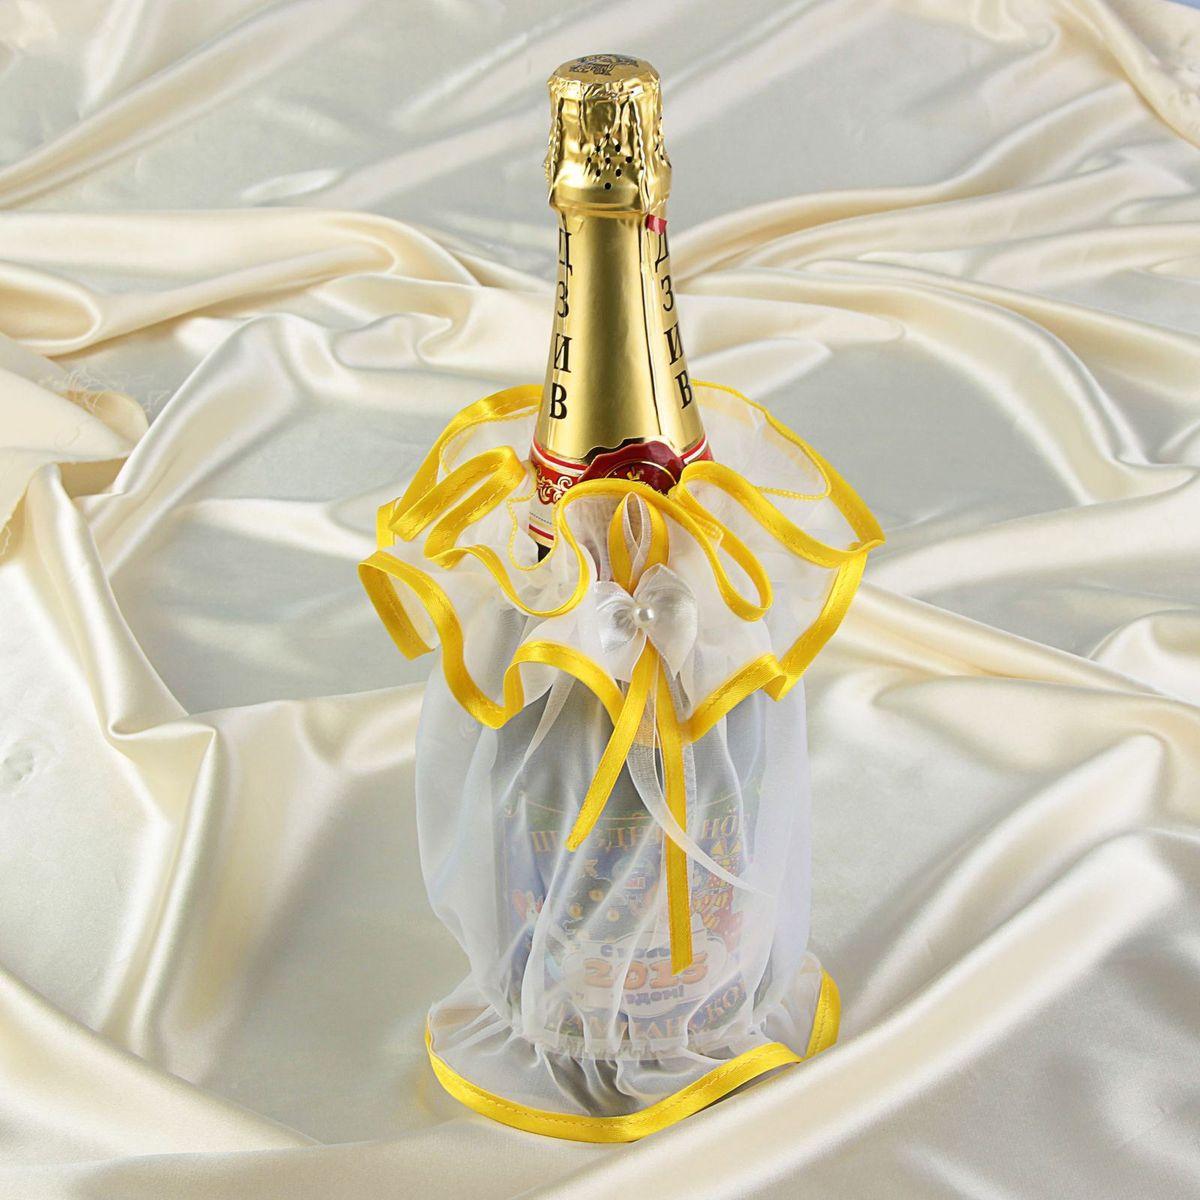 Одежда на бутылку шампанского Sima-land. 12060151206015Для создания отличного мероприятия в ход идут самые удивительные приемы: скульптуры из воздушных шаров, клоуны, выпрыгивающие из торта, а также роскошно украшенные столы. Ведь именно из мелочей складывается атмосфера незабываемого праздника. Одежда на бутылку Sima-land - это отличный способ оформить праздничный стол, обозначить напиток, который вы считаете звездой вашего стола, без слов рассказать о характере каждого напитка, и о том, кому он предназначен, да и просто добавить яркий необычный элемент.